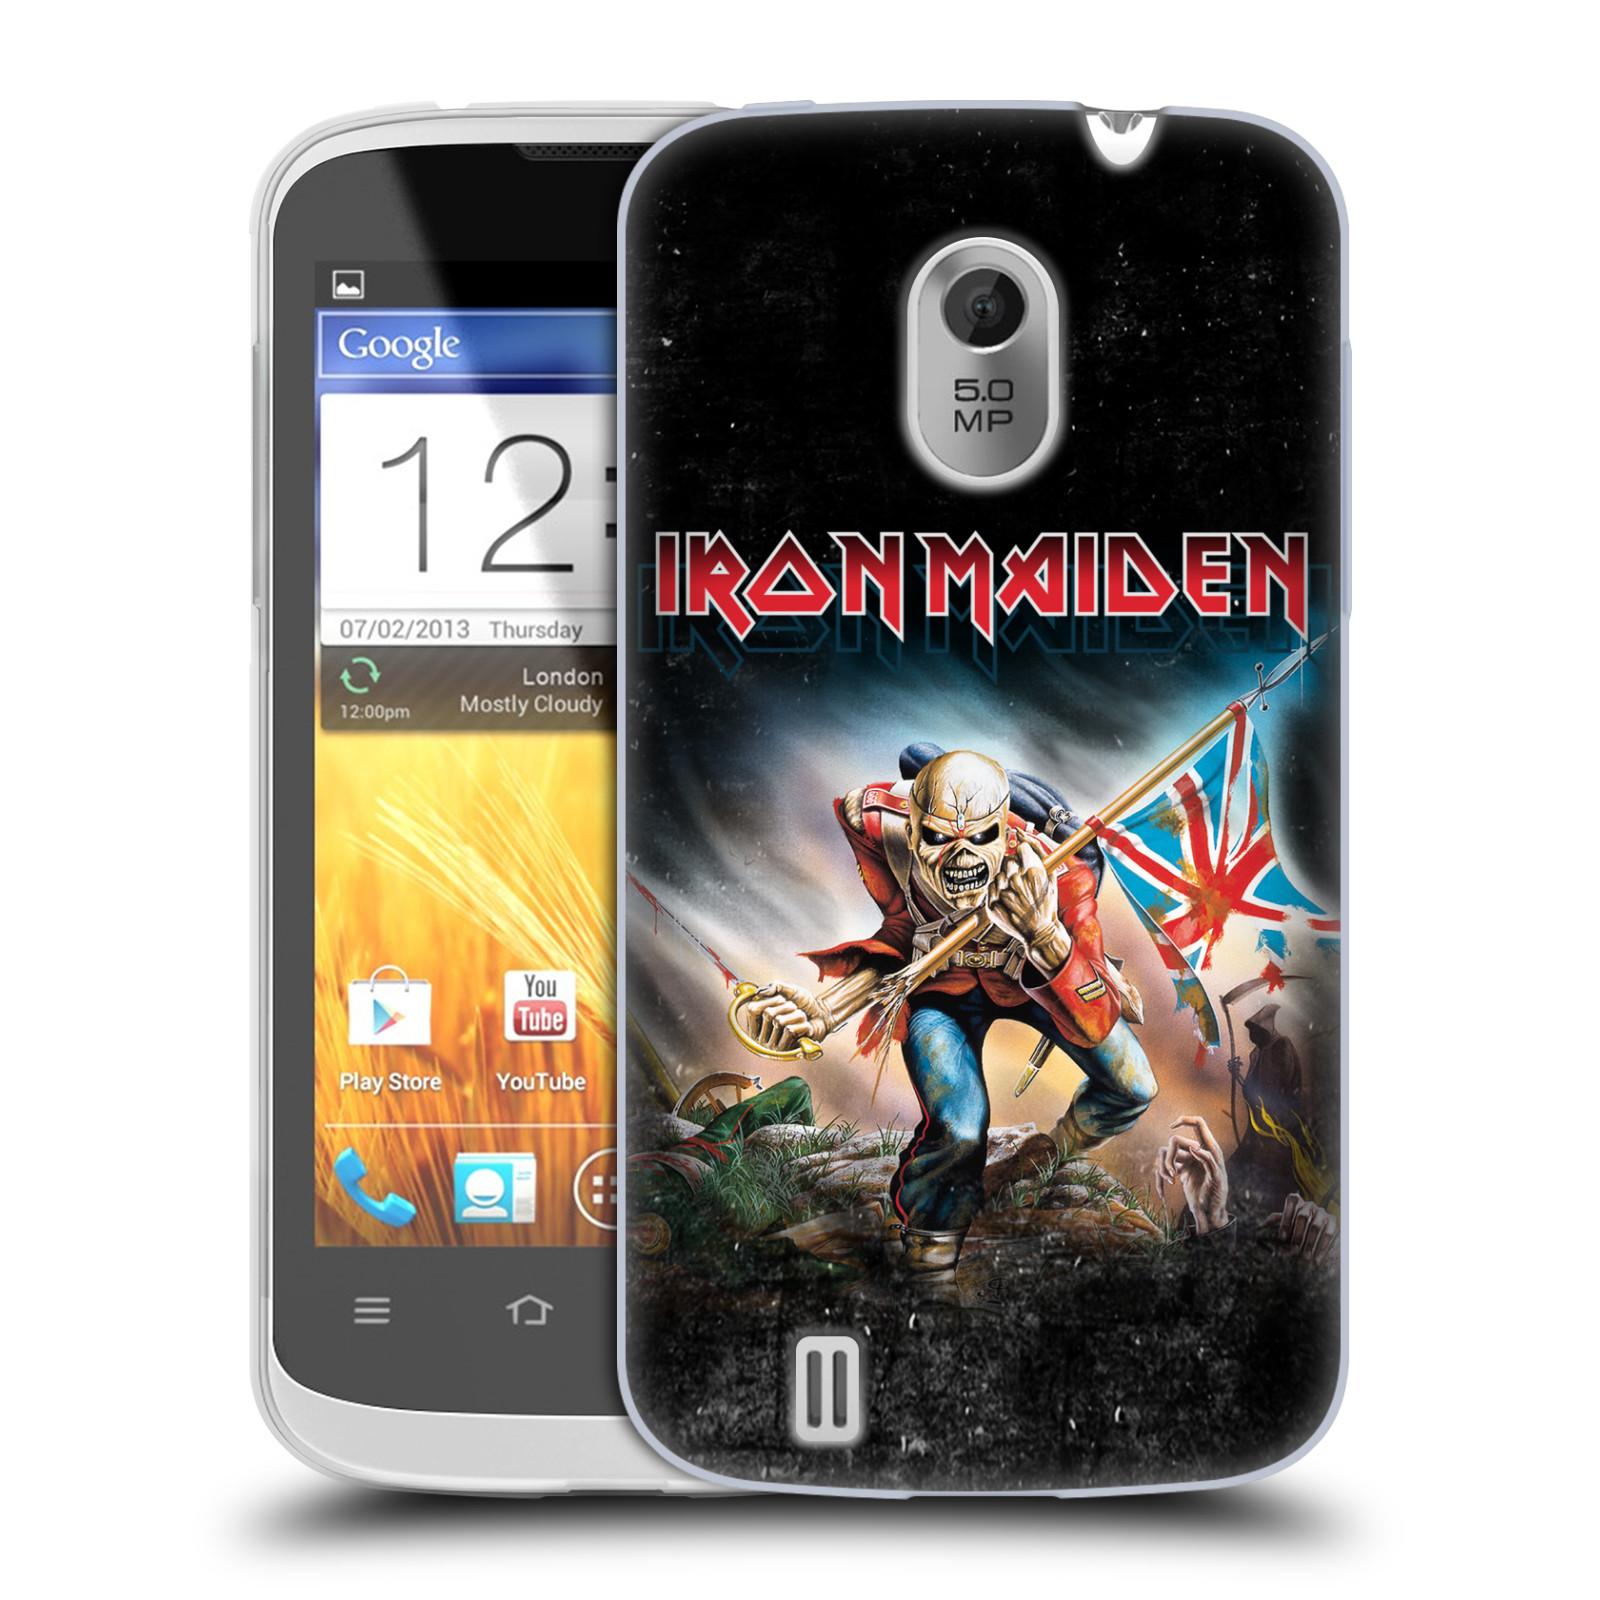 Silikonové pouzdro na mobil ZTE Blade III HEAD CASE - Iron Maiden - Trooper 2016 (Silikonový kryt či obal na mobilní telefon s licencovaným motivem Iron Maiden ZTE Blade 3)